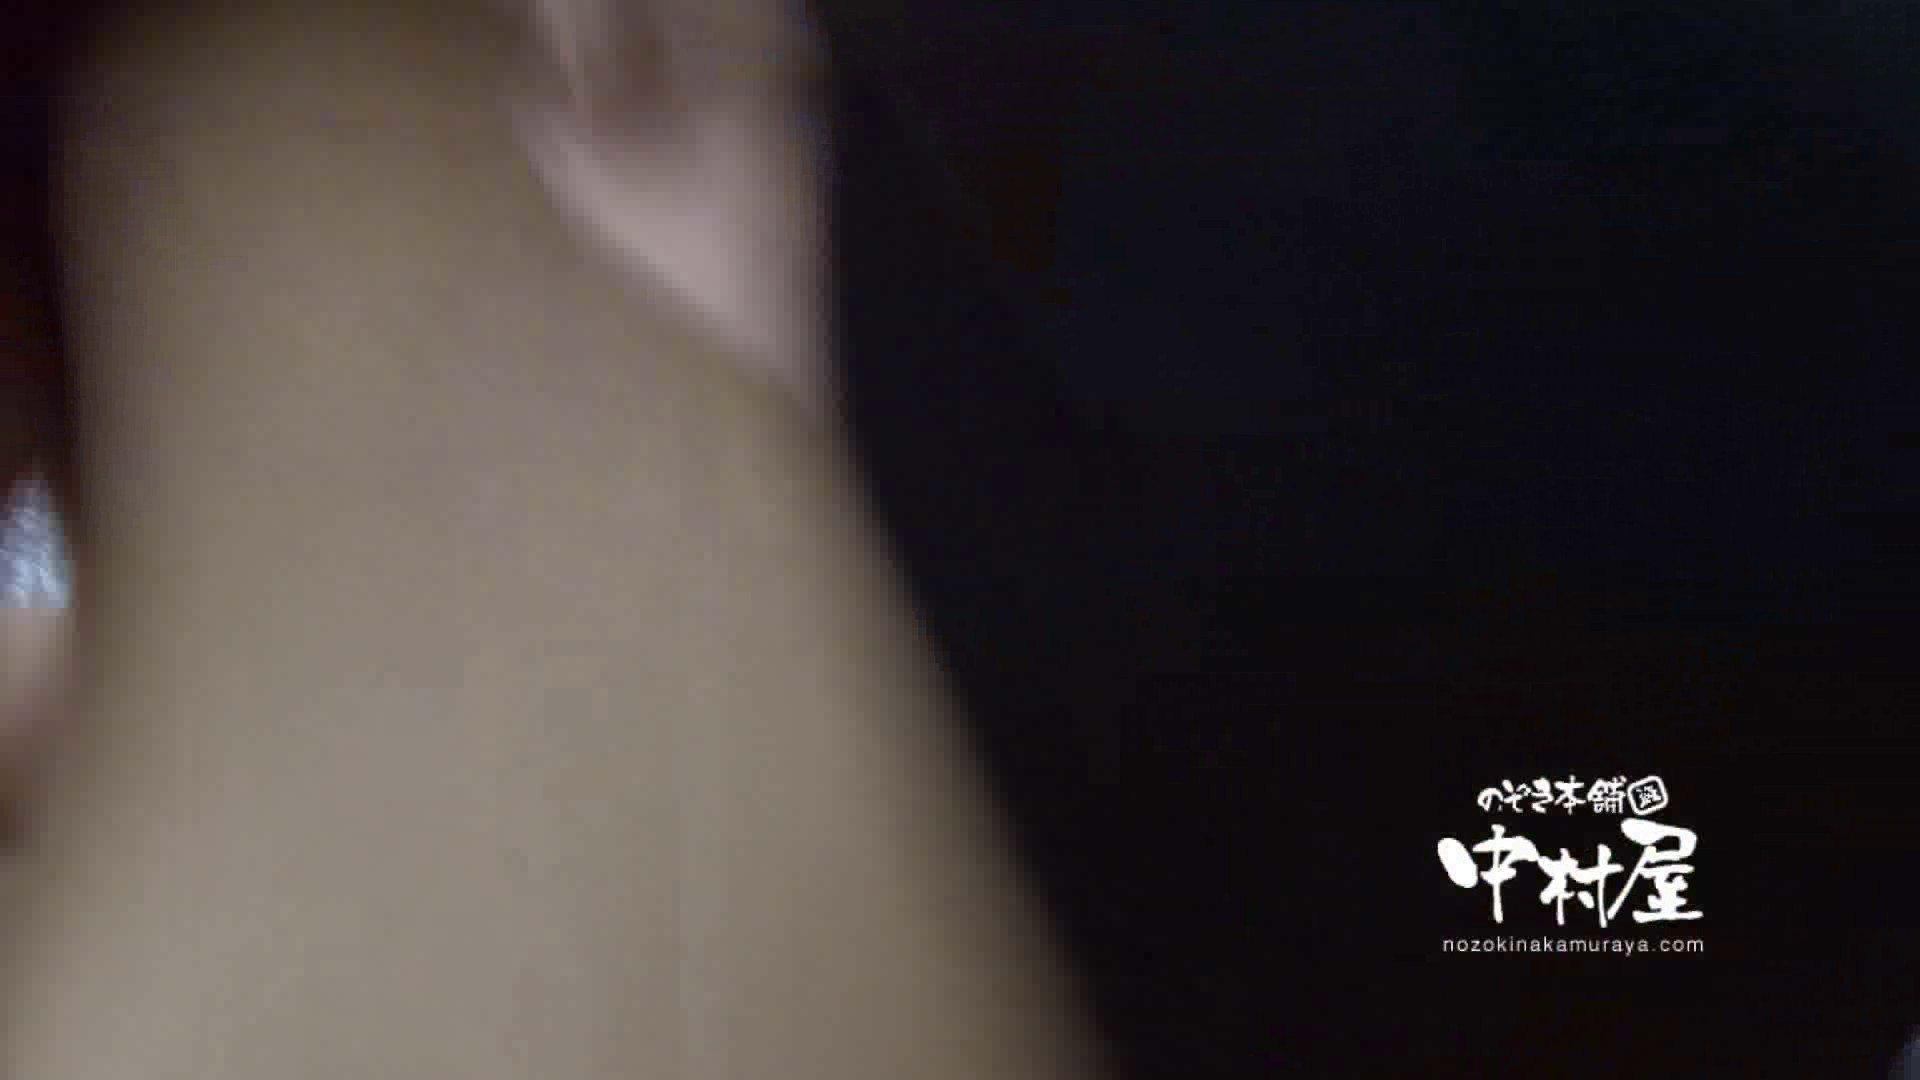 鬼畜 vol.15 ハスキーボイスで感じてんじゃねーよ! 前編 鬼畜 | 美しいOLの裸体  102pic 73